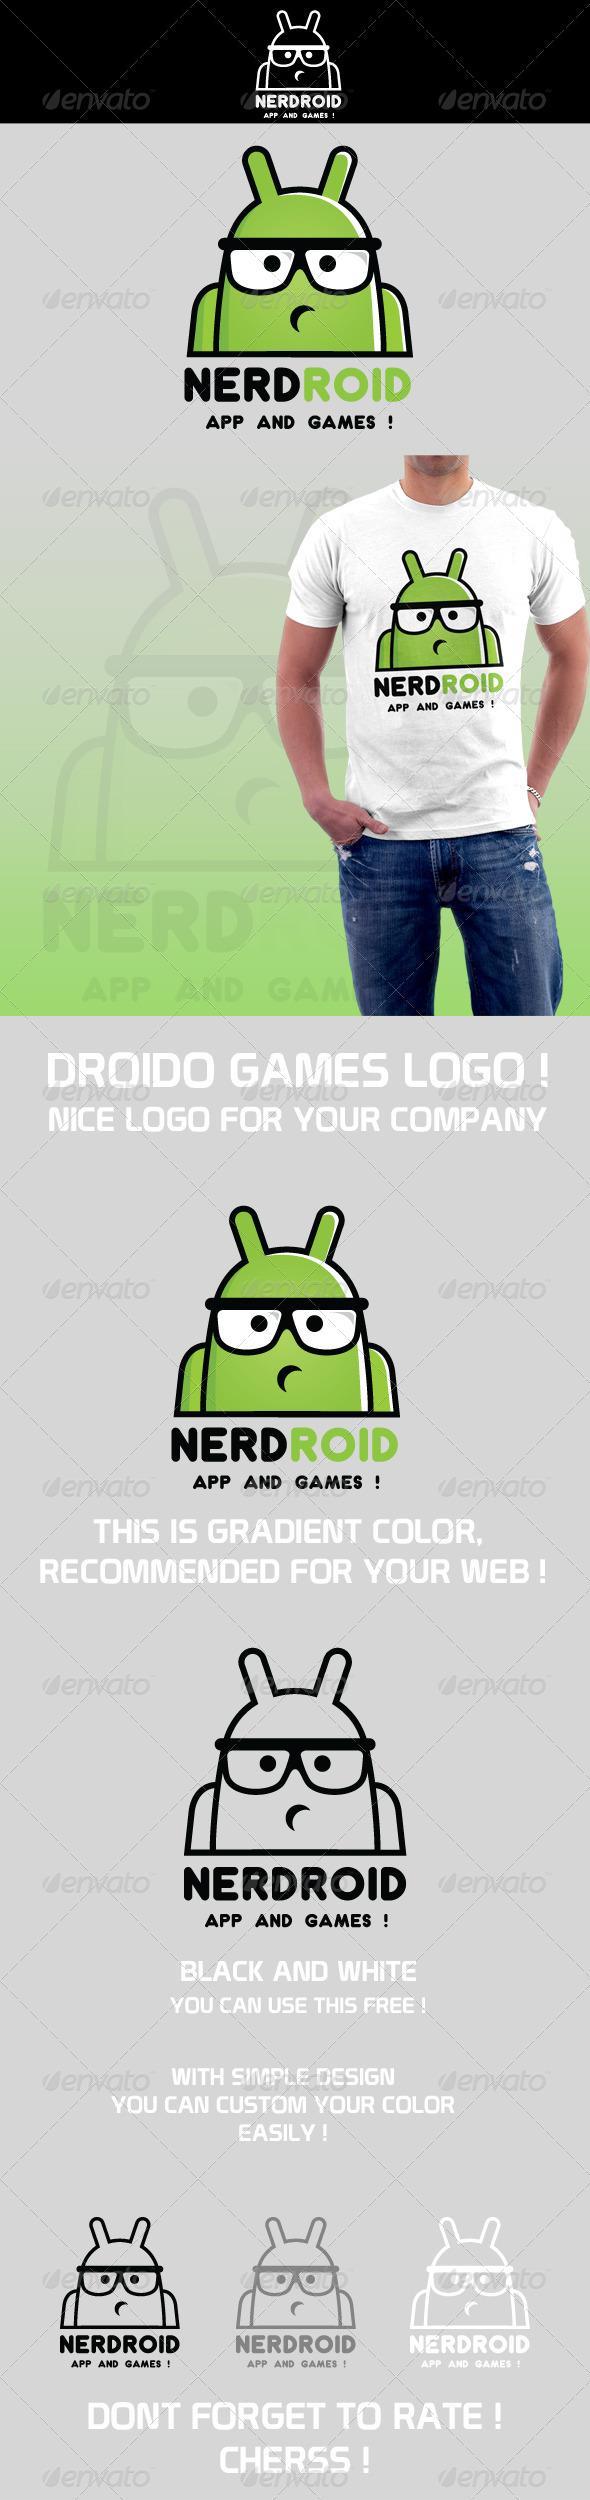 Nerdroid Logo